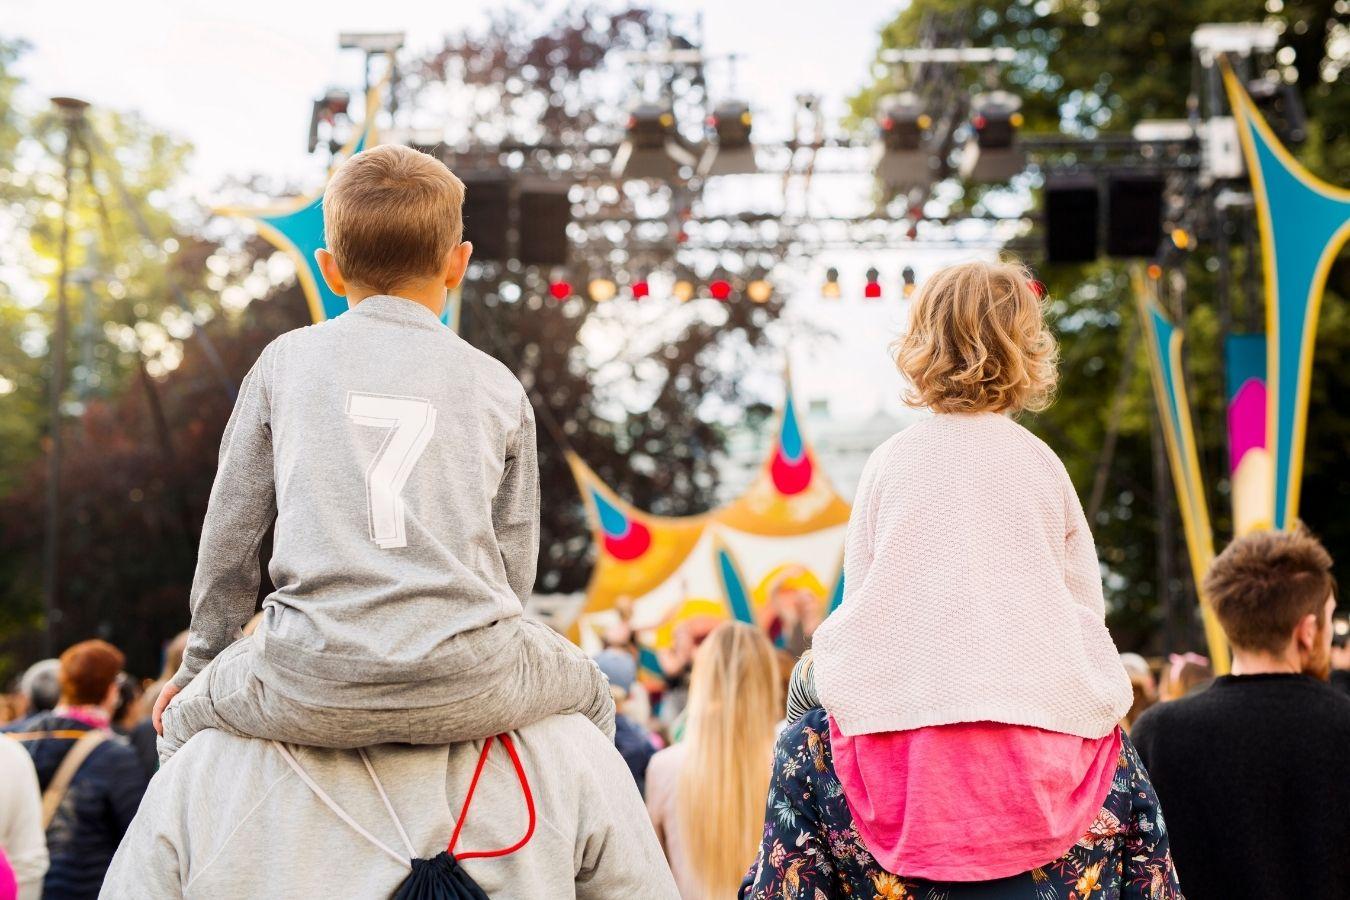 Lato za pasem: Czy to dobry pomysł, by zabrać dziecko na festiwal? Na co musimy zwrócić uwagę?